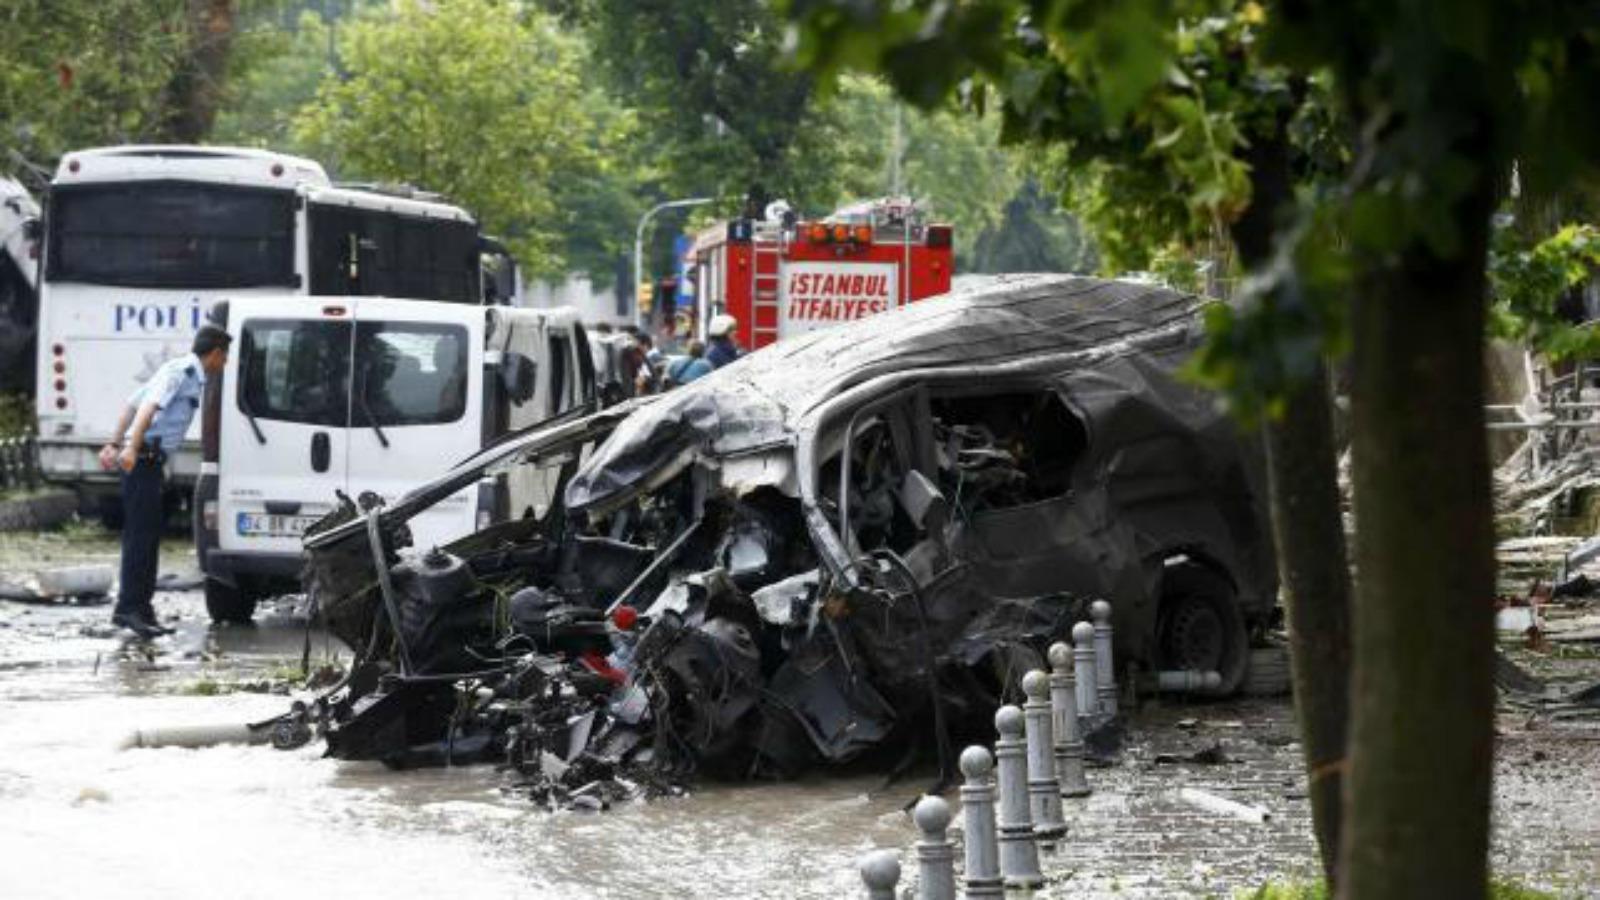 Un atac cu masina capcana comis in provincia Van din Turcia s-a soldat cu moartea a cel putin trei oameni si ranirea altor 40.